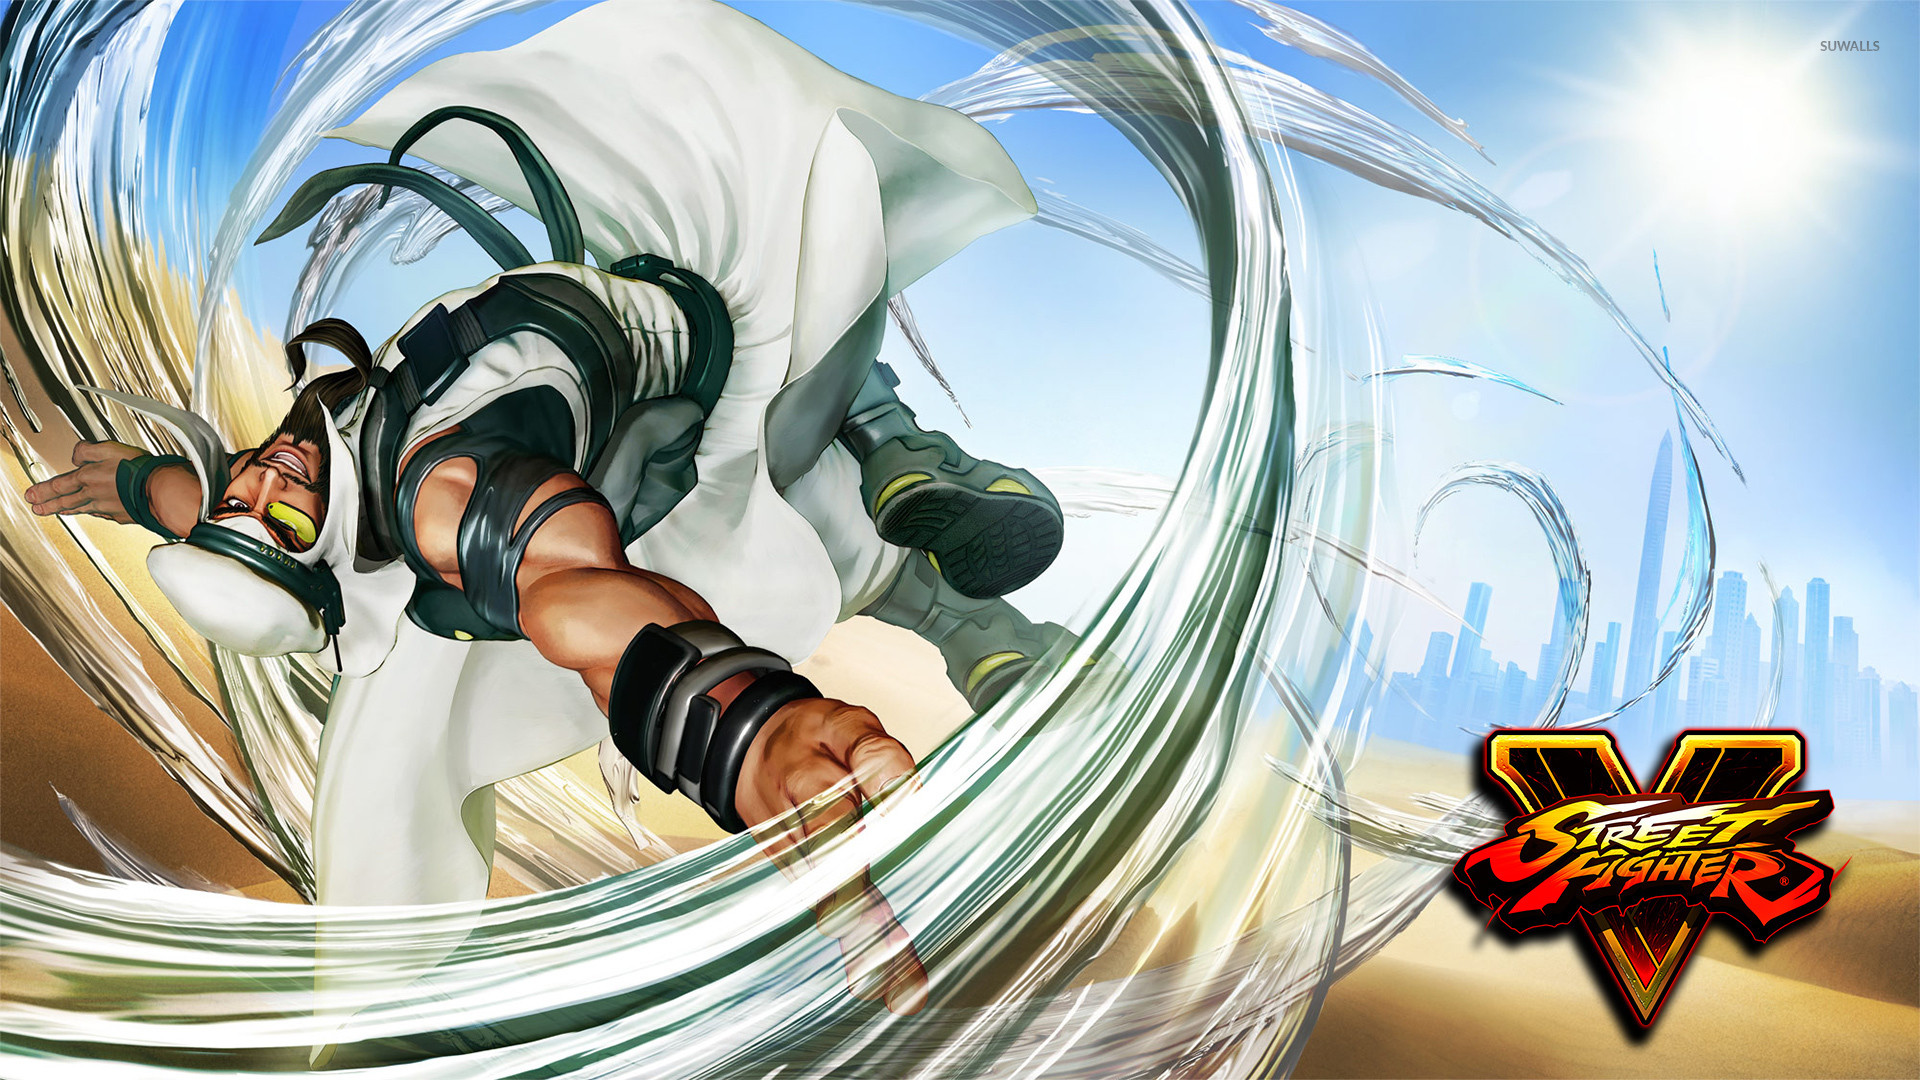 Rashid in Street Fighter V wallpaper jpg